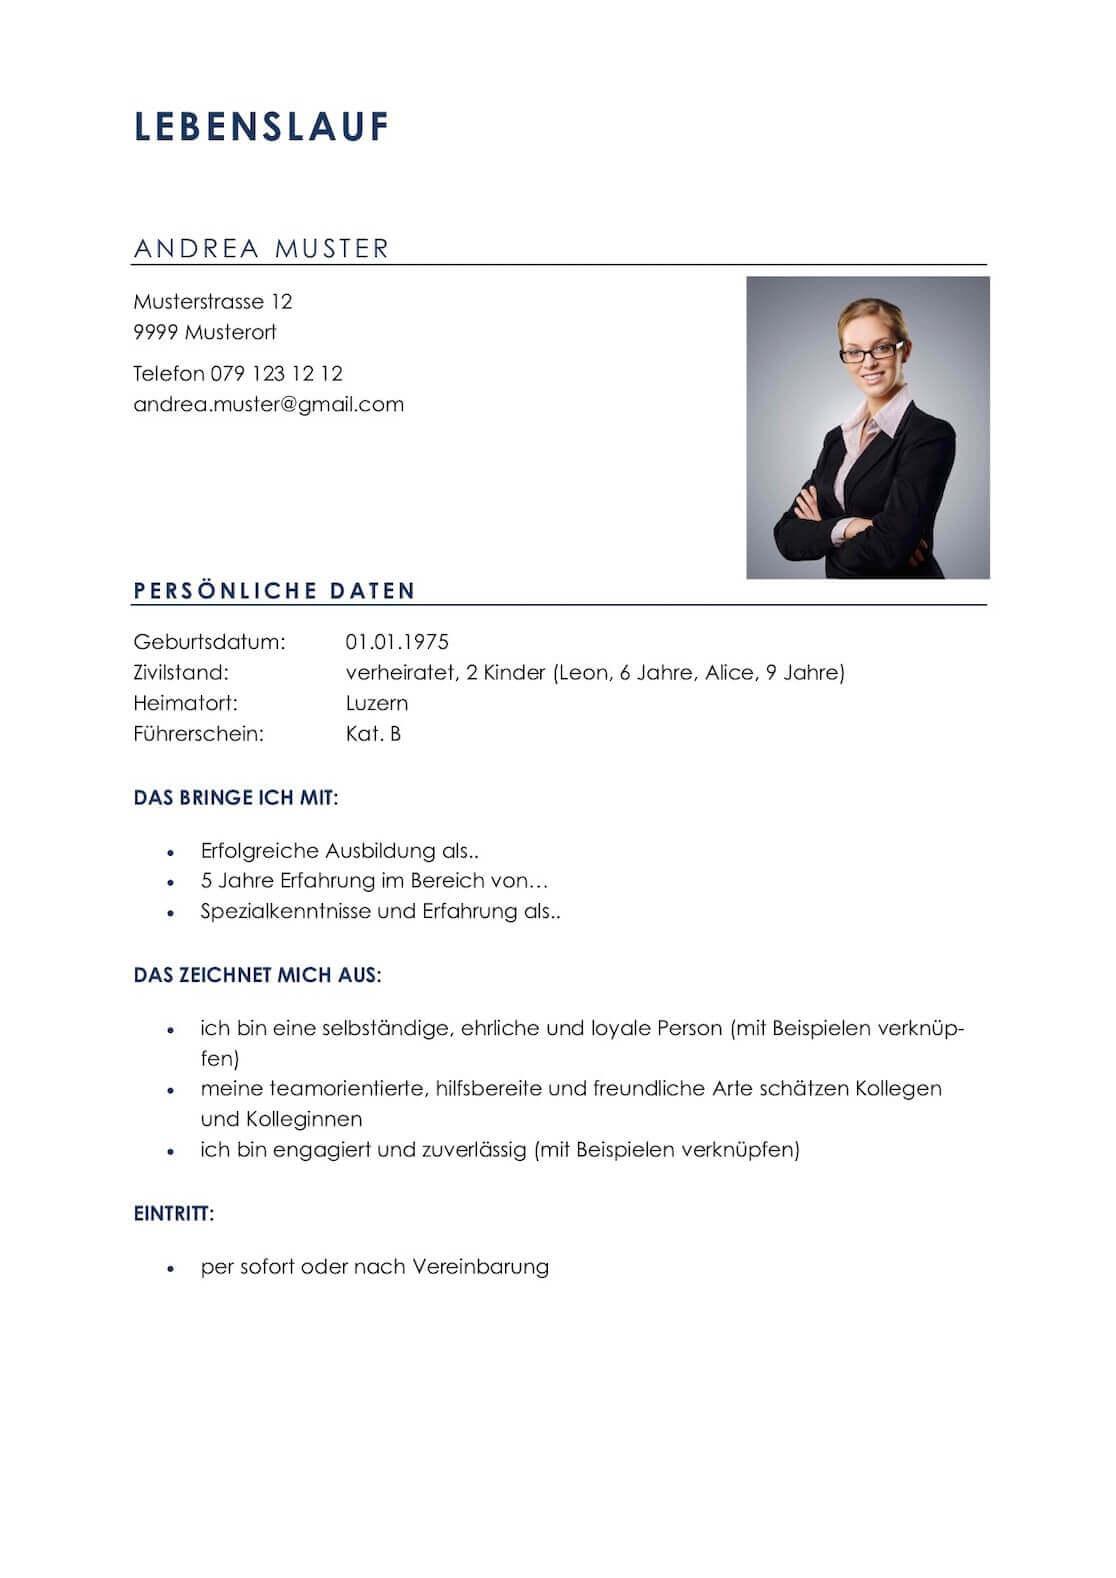 Lebenslauf Vorlagen & Muster für die Bewerbung in der Schweiz